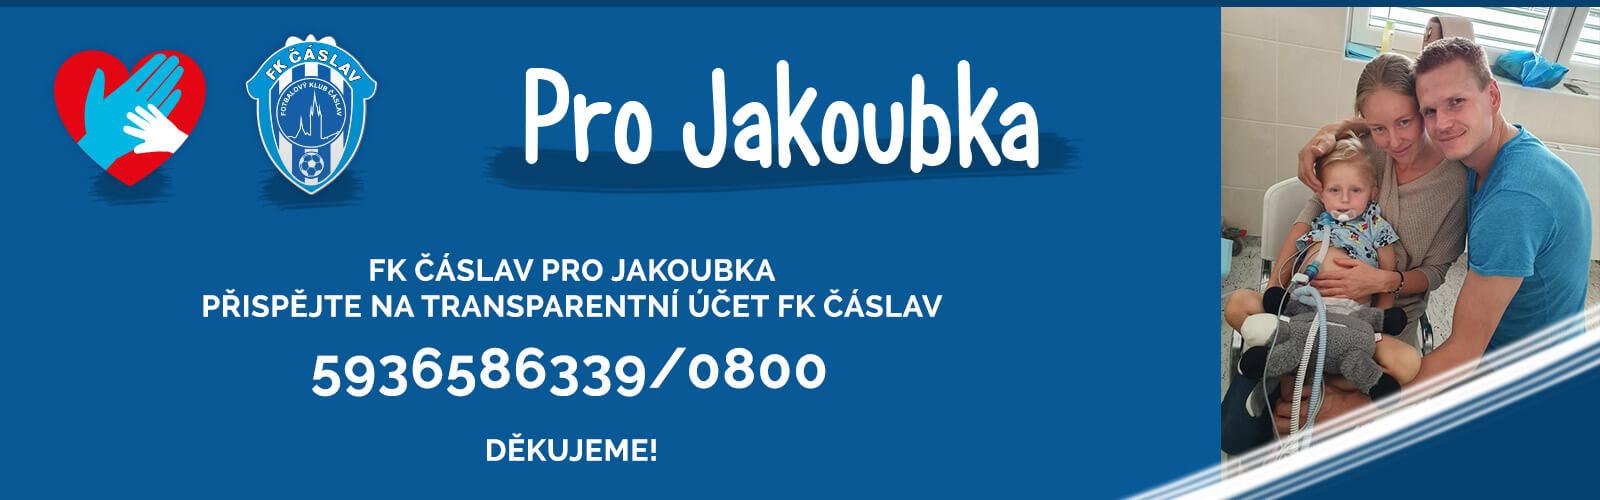 1_1630654228.jpg